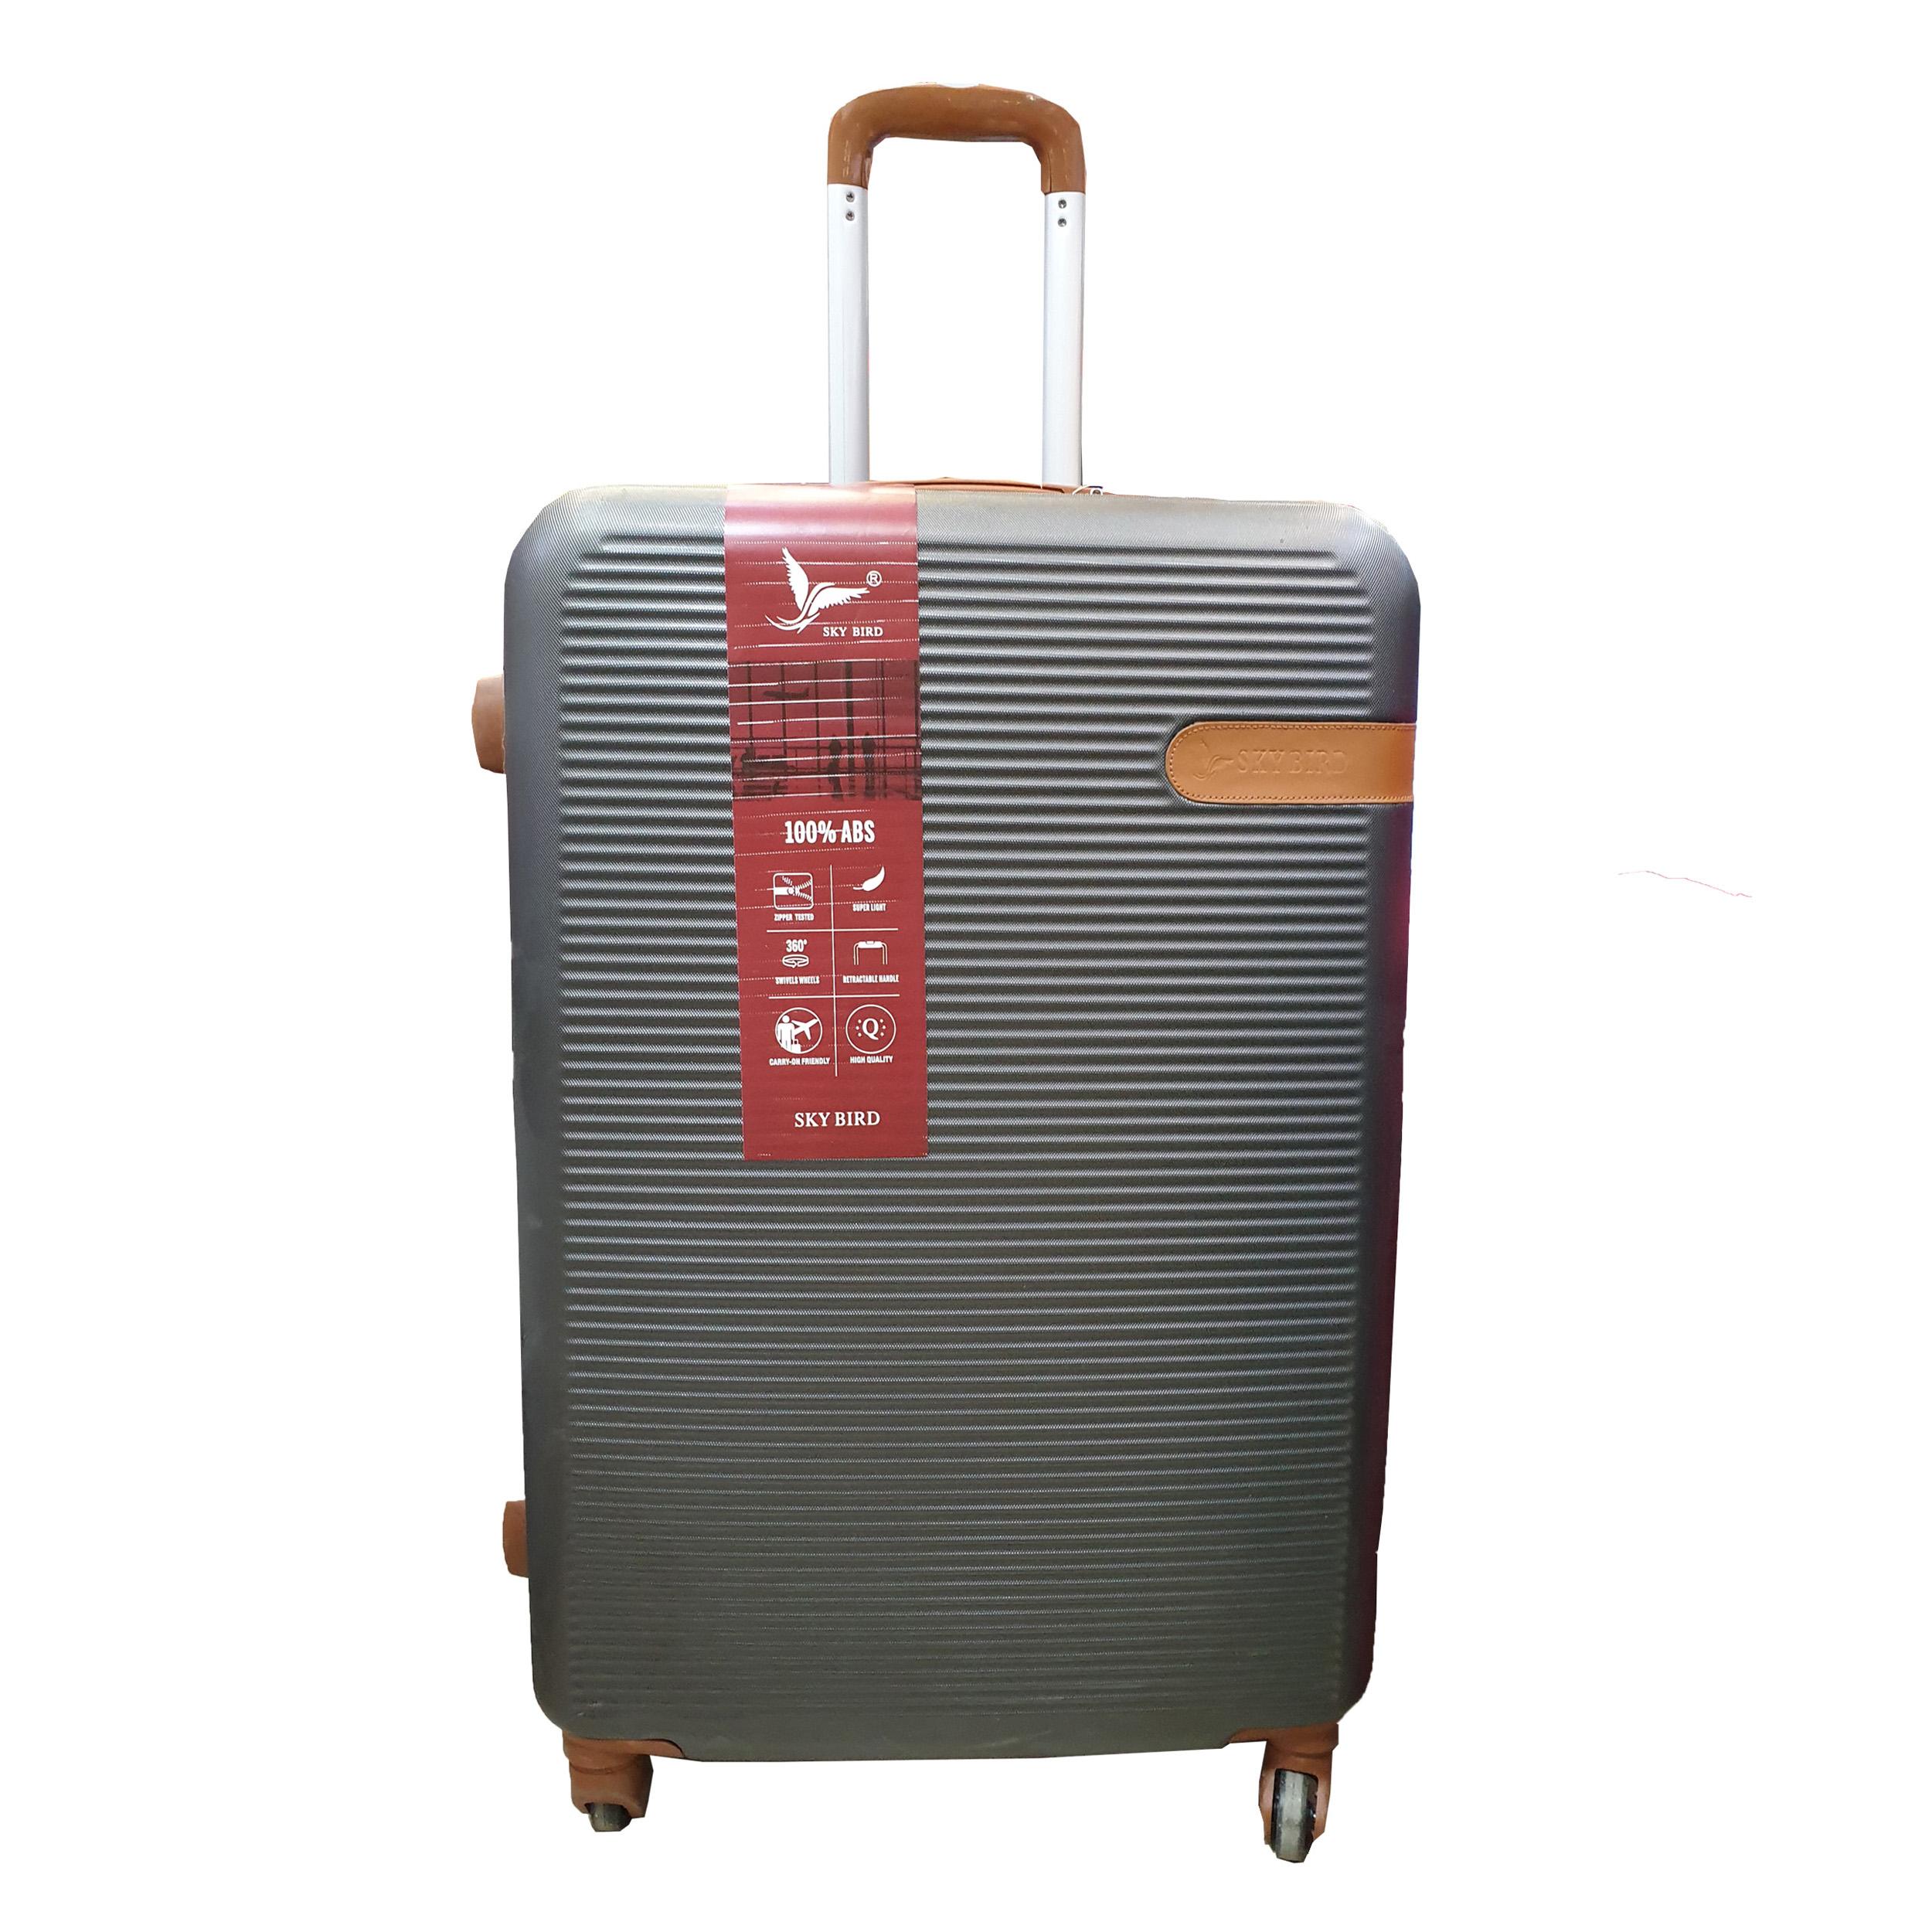 چمدان اسکای برد کد B003 سایز متوسط